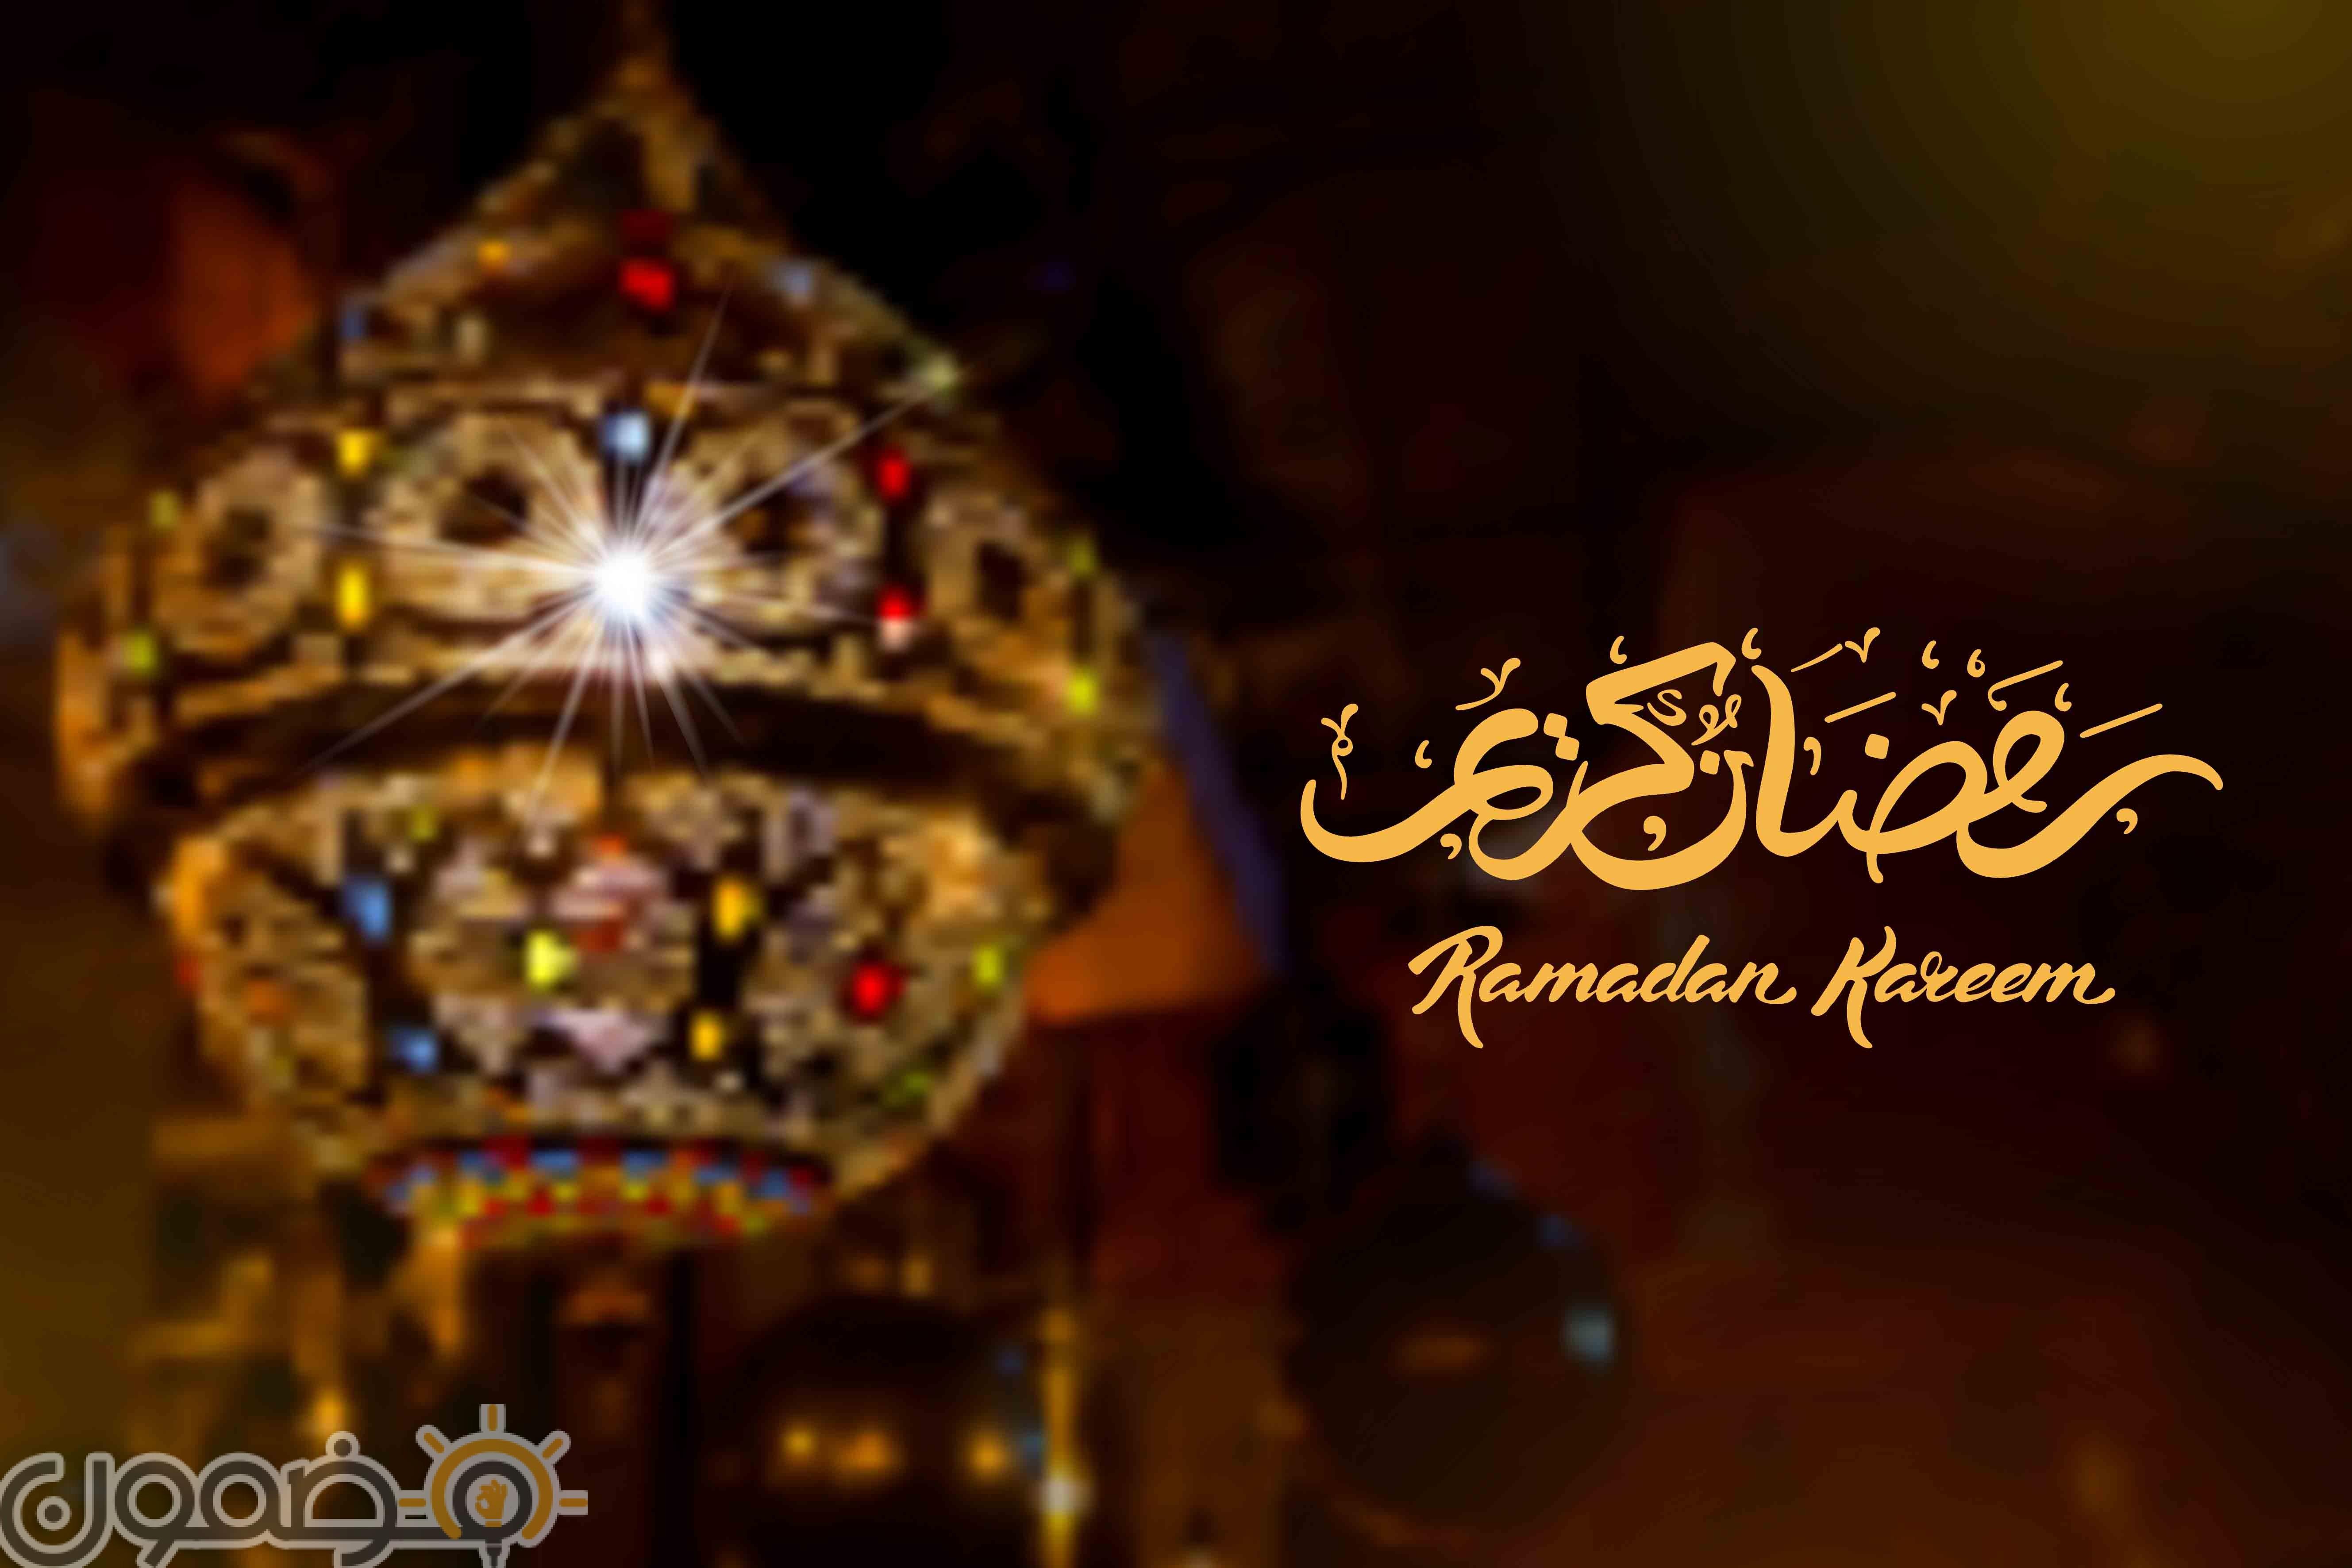 خلفيات رمضان كريم 11 خلفيات رمضان كريم لسطح المكتب